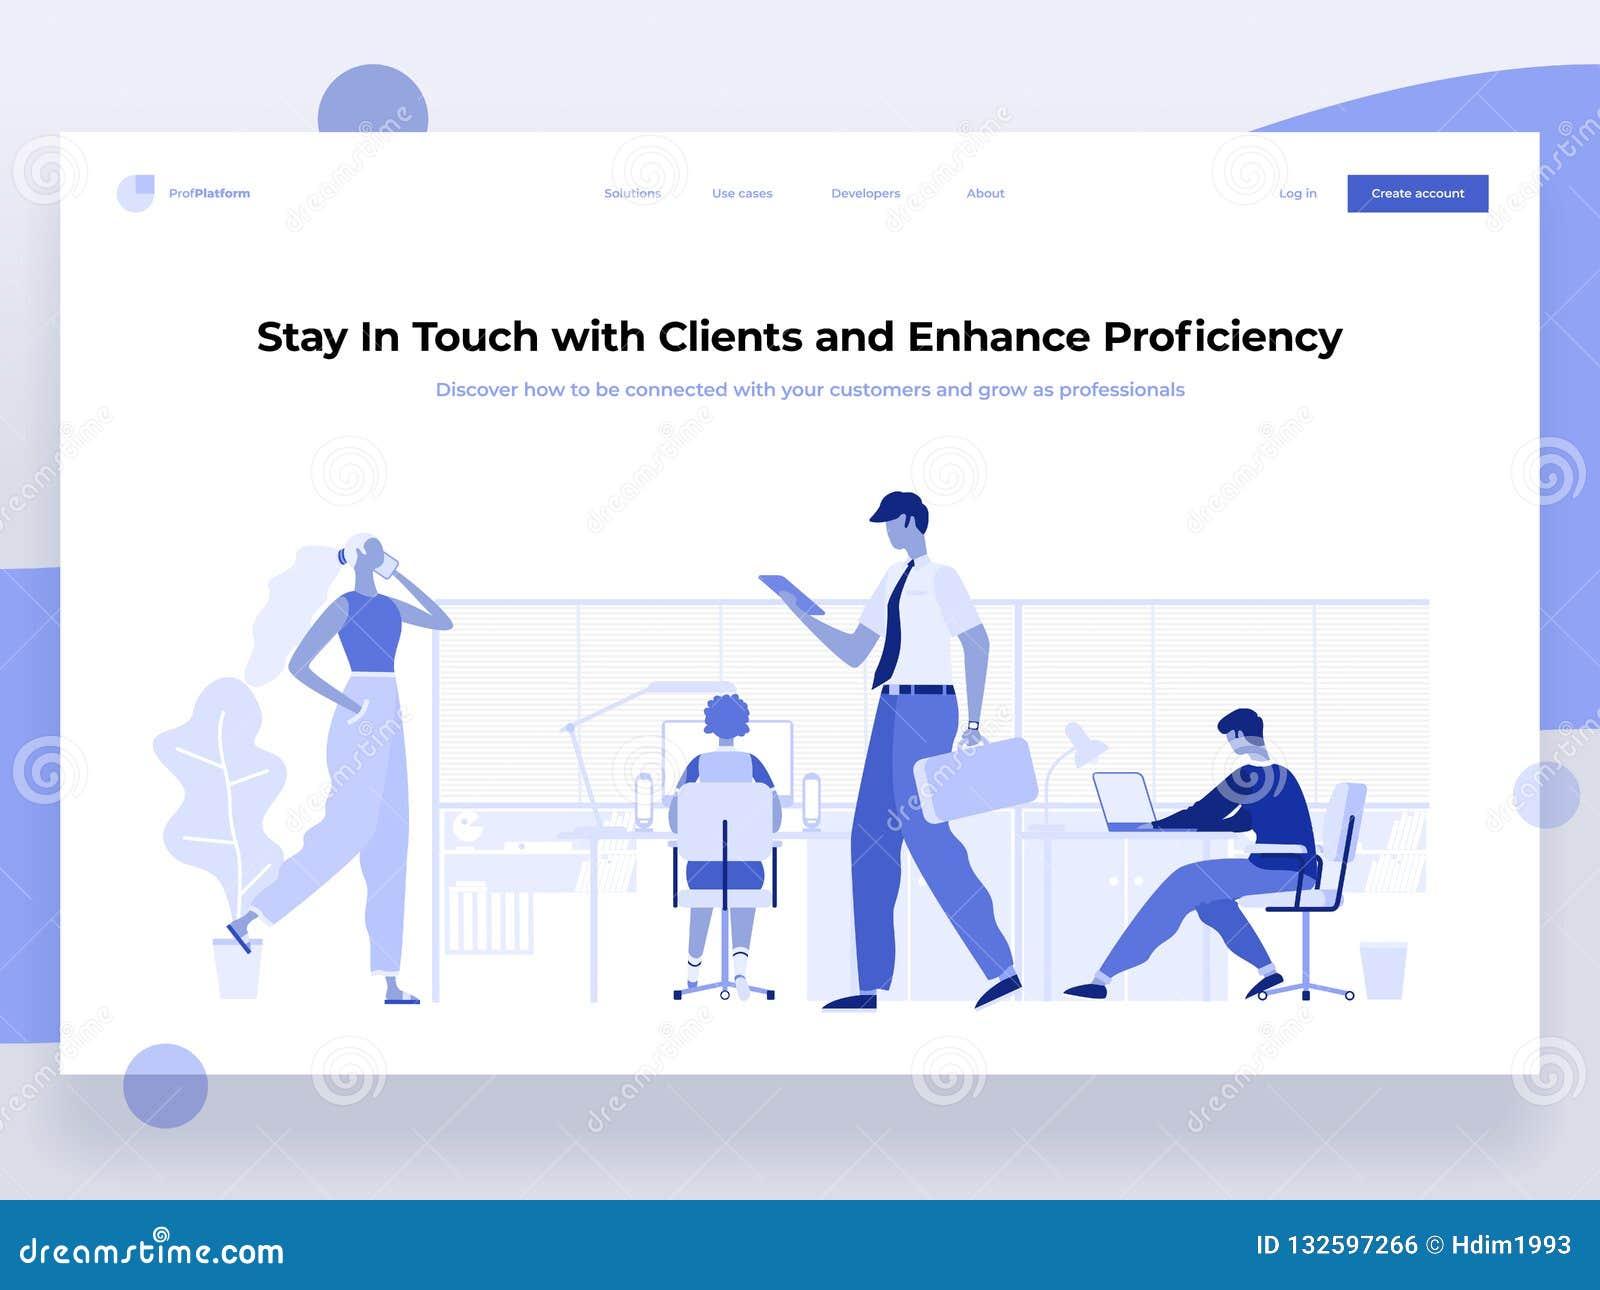 Ludzie pracują w biurze i oddziałają wzajemnie z różnymi przyrządami Biznes, obieg zarządzanie i biuro sytuacje,